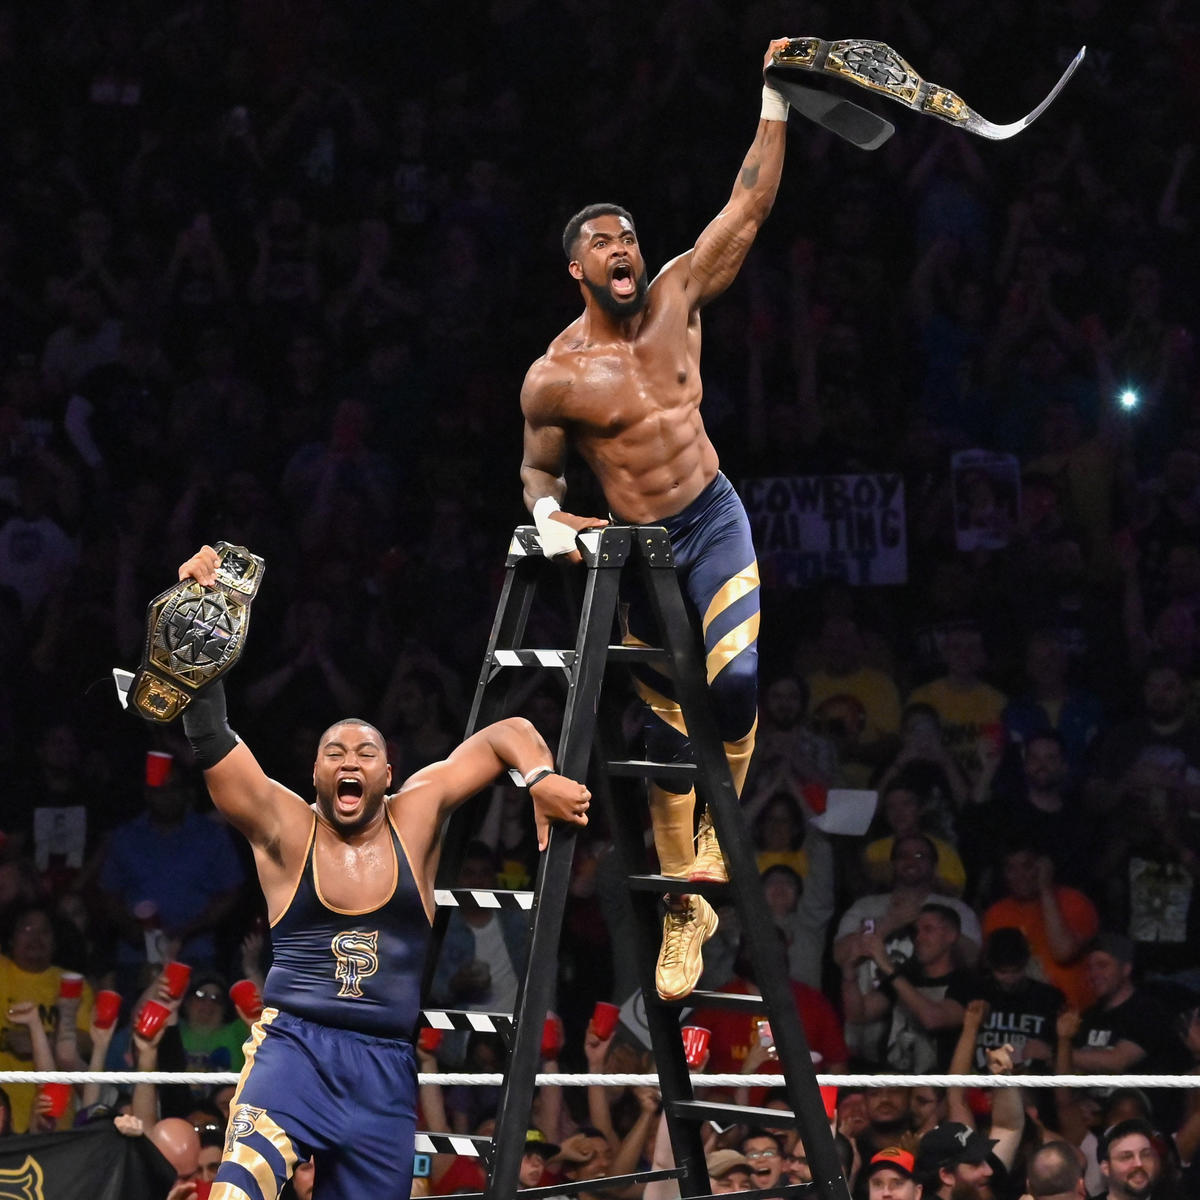 ... y Street Profits son los nuevos Campeones de Tag Team NXT!